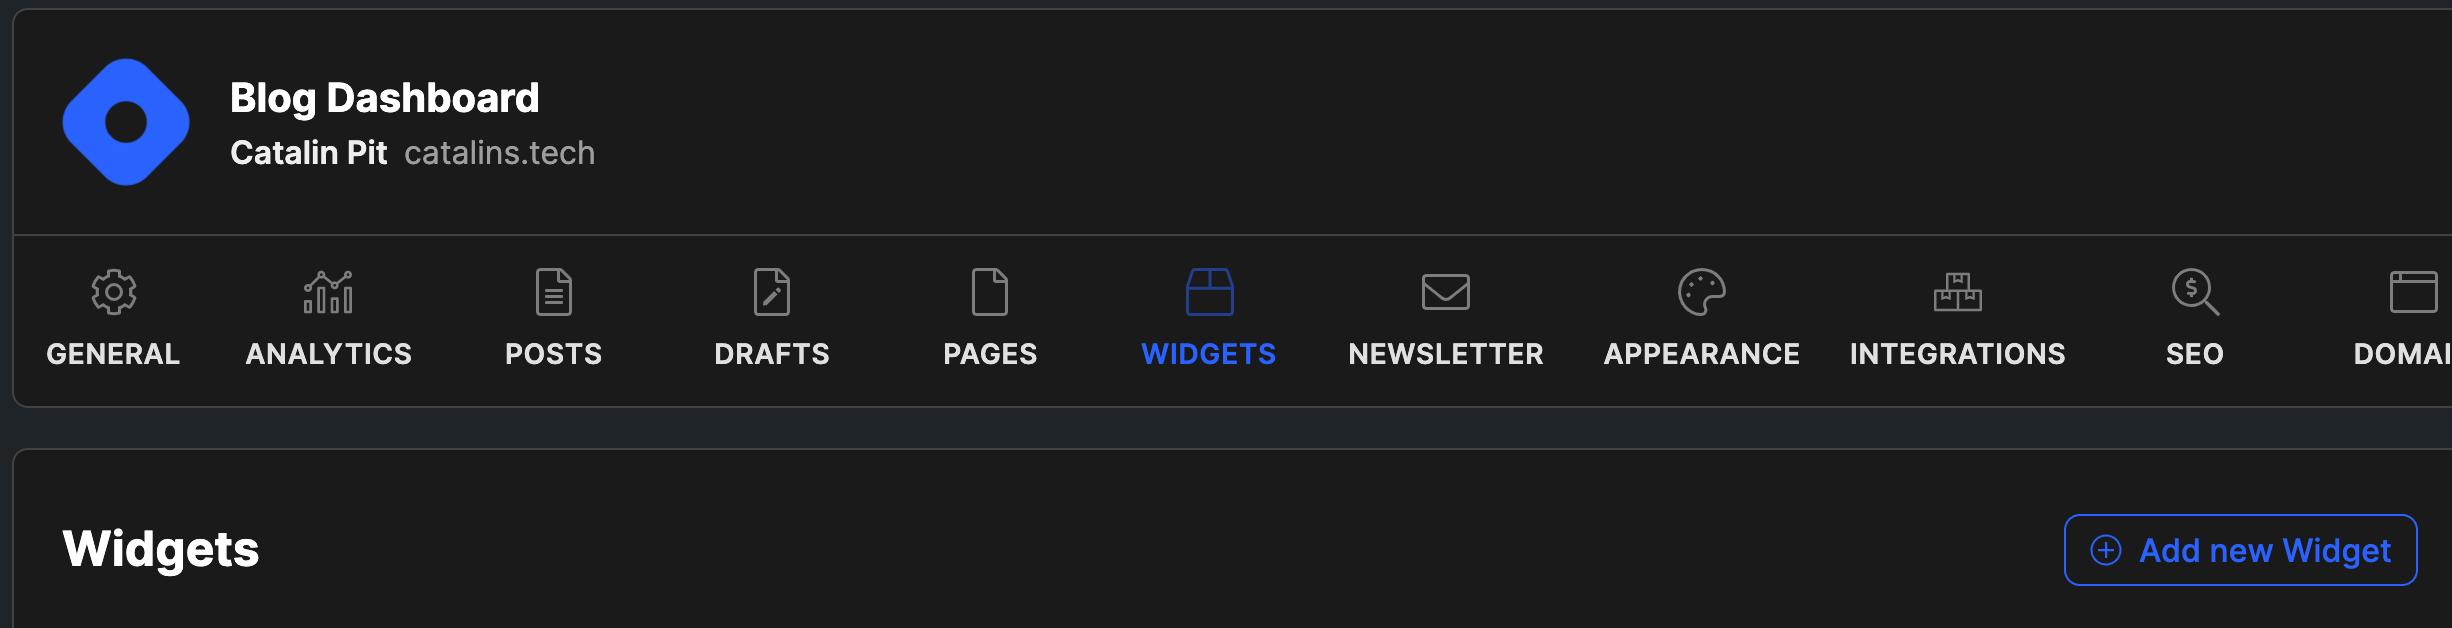 Screenshot 2020-11-17 at 16.33.44.png